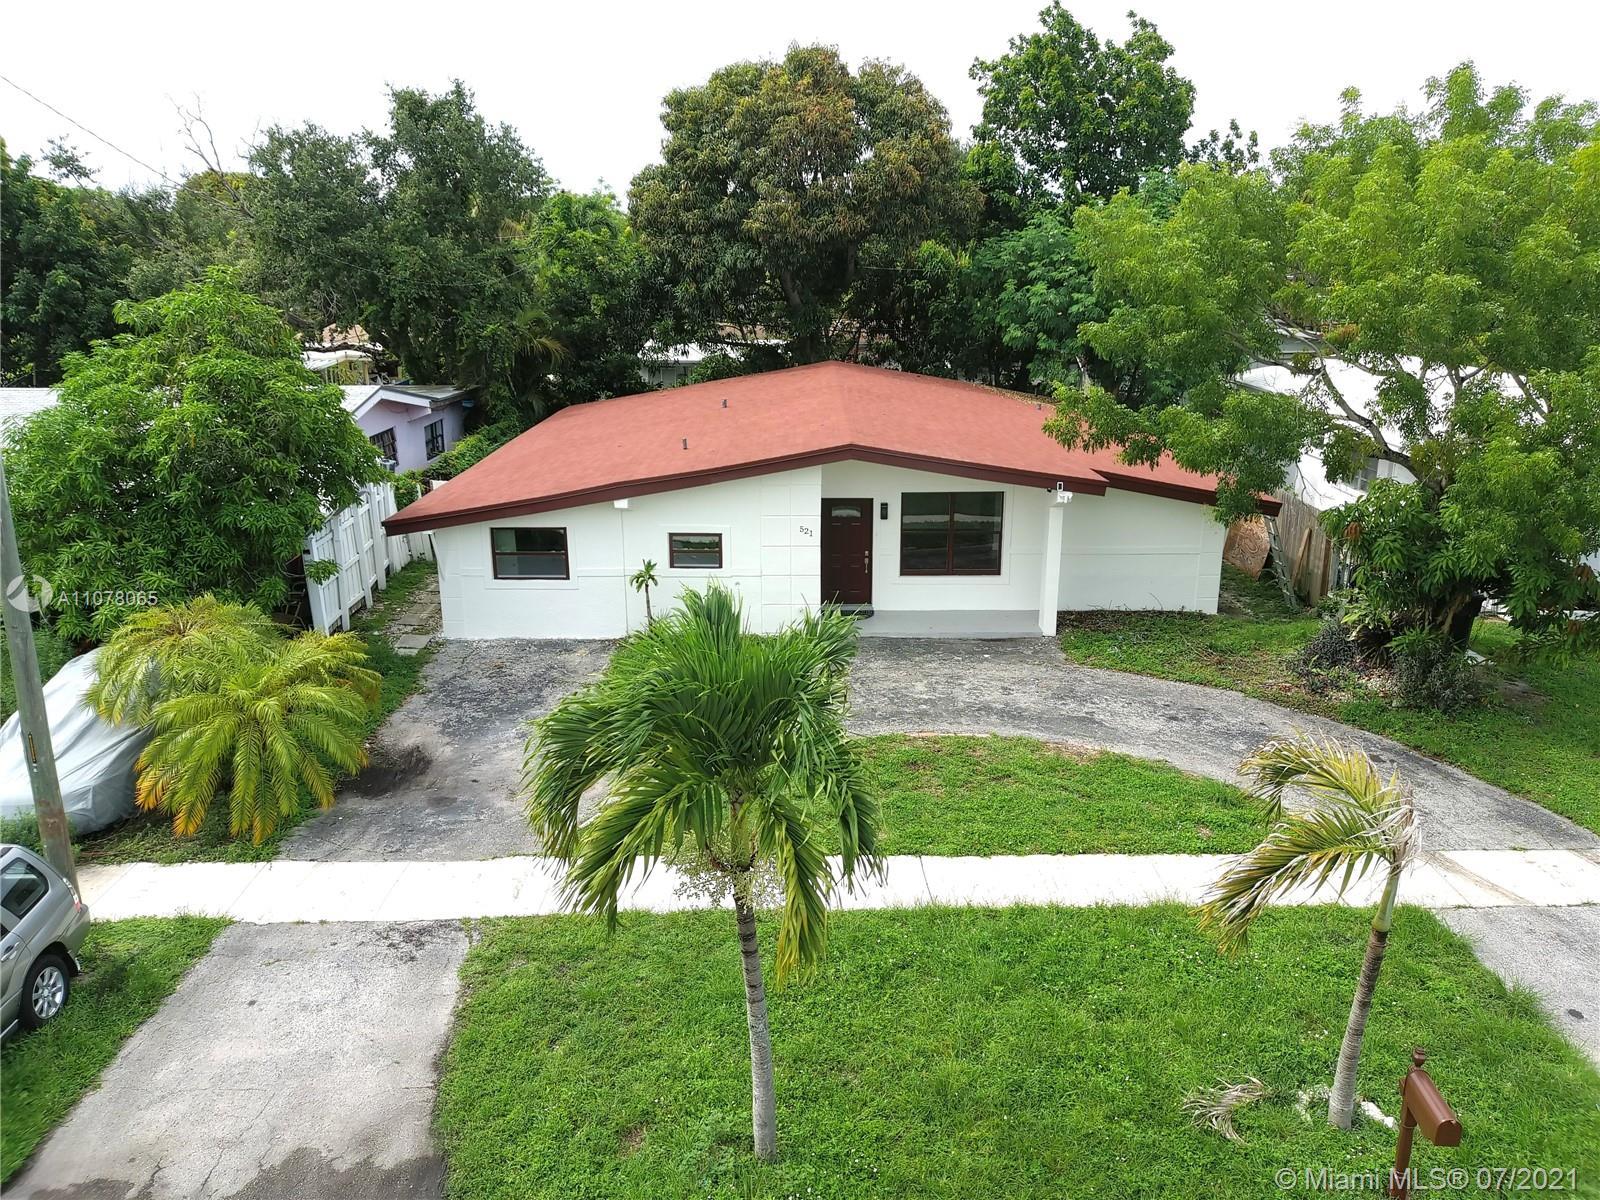 North Miami Beach - 521 NE 175th St, North Miami Beach, FL 33162